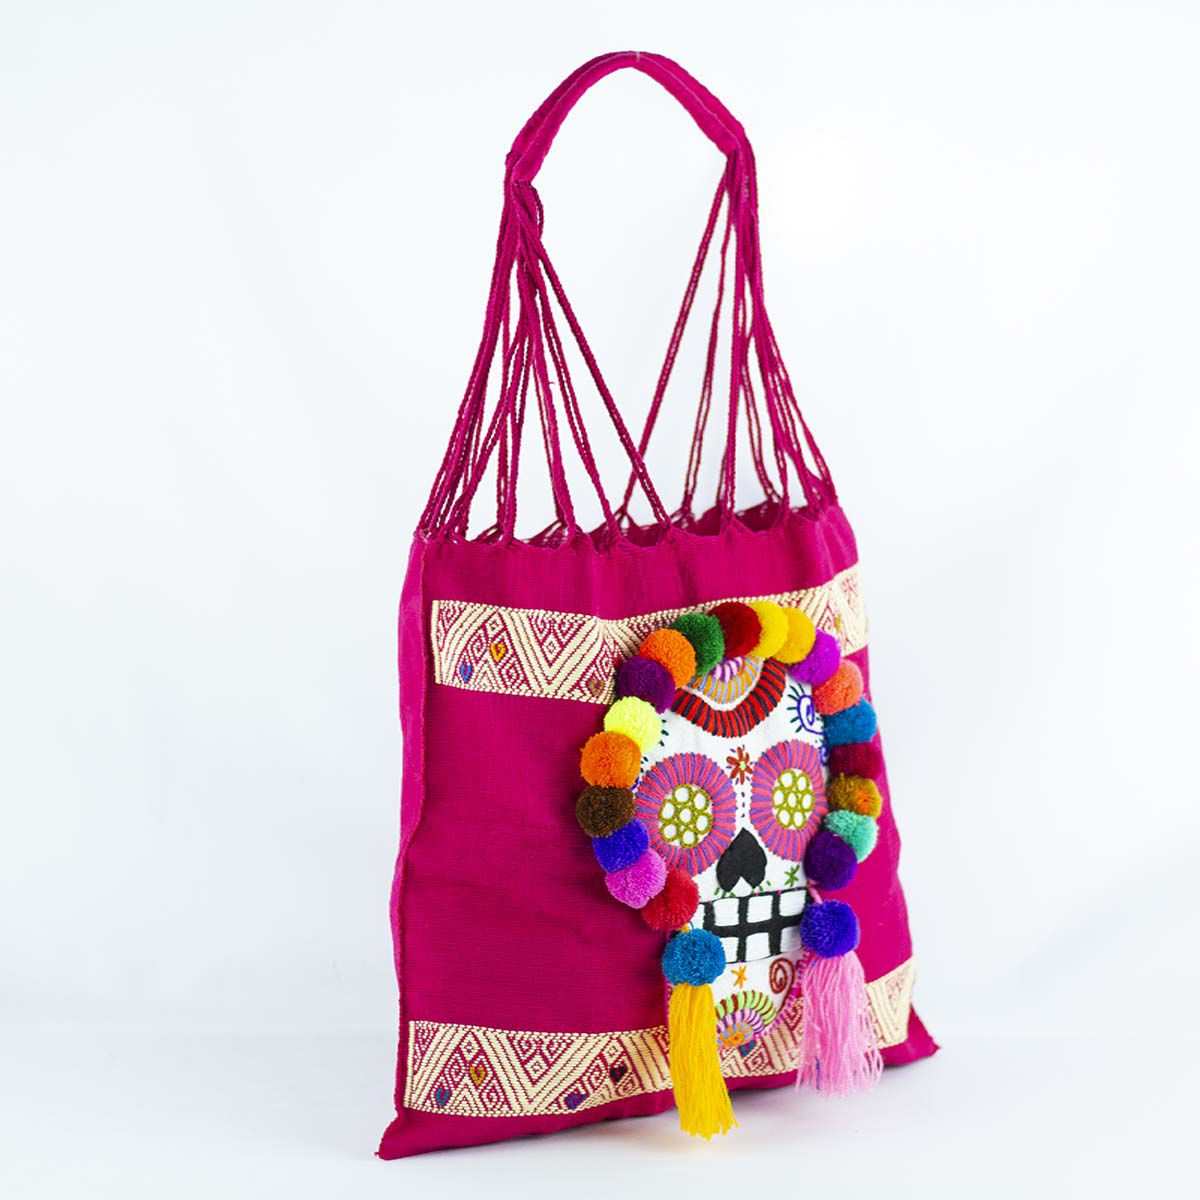 cutehandbag mexicanbag skull totebag handbag handmade dayofthedead